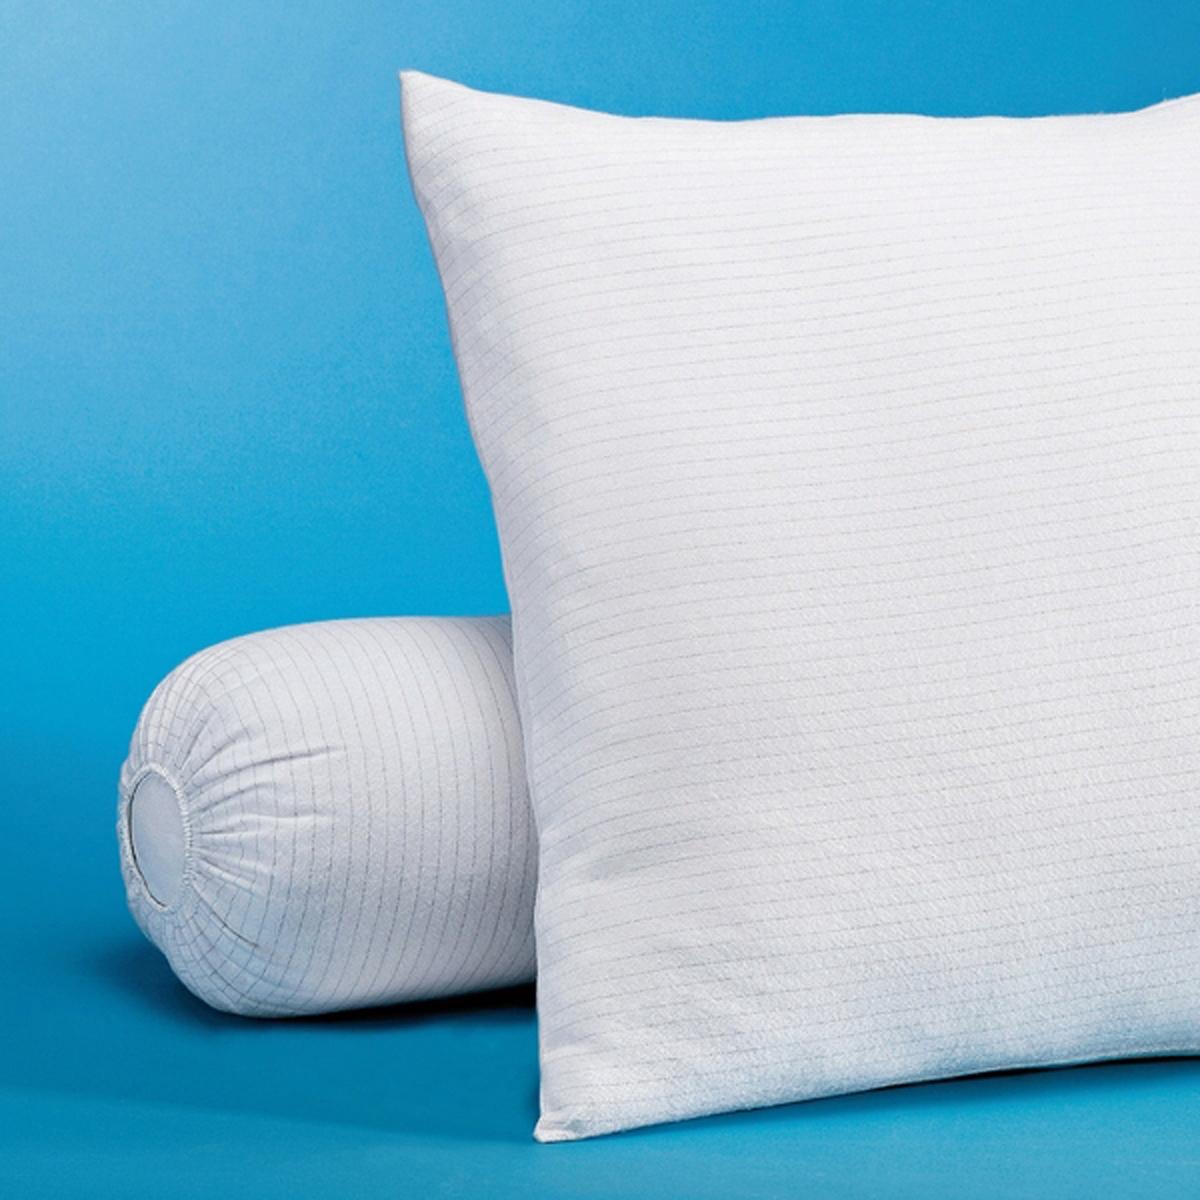 Наволочка защитная  из мольтонаЗащитная наволочка  не только защищает подушку, но также снимает статическое электричество, чтобы Вы спали крепко и спокойно.Защитная наволочка  для подушки-валика из мольтона с двухсторонним начёсом 99% хлопка, 1% углеволокна (220 гр/м?).Уход: Стирка при 60°С.Размеры: 90 x 23 см, 140 x 23 см.Защитная наволочка  из мольтона - это качество VALEUR S?RE.<br><br>Цвет: белый